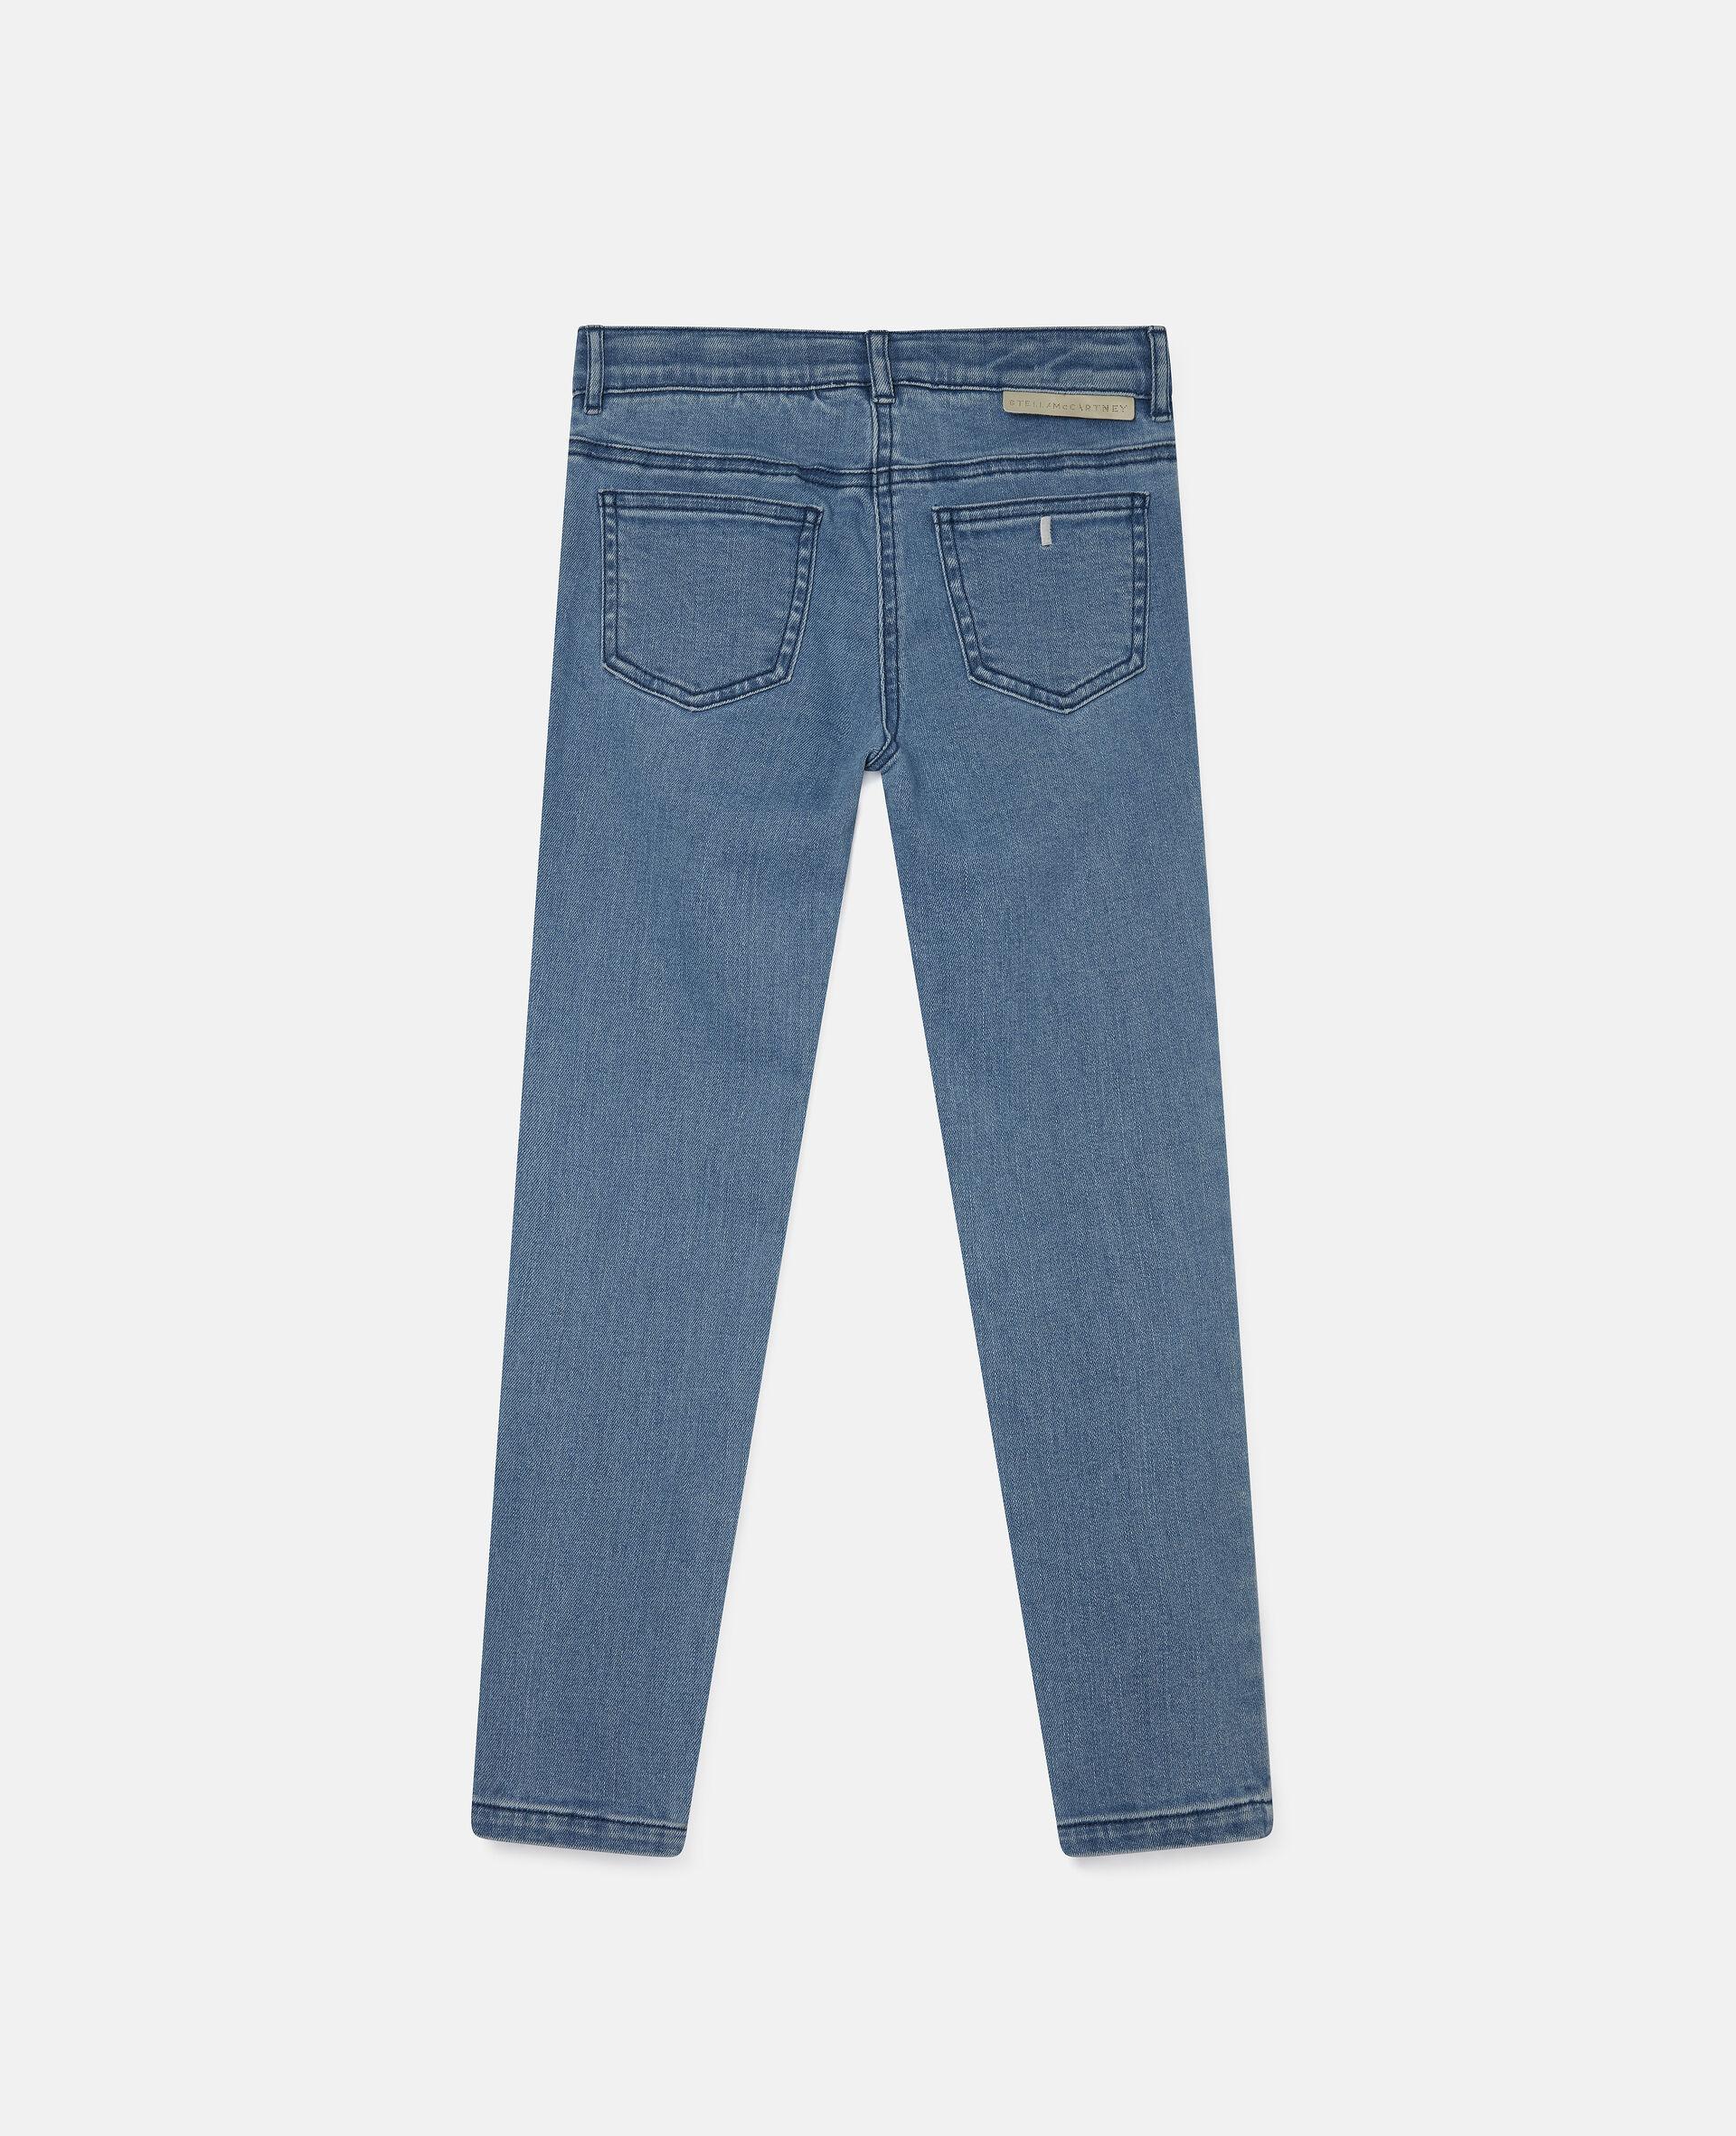 Pantalon en denim à fleurs brodées-Bleu-large image number 3